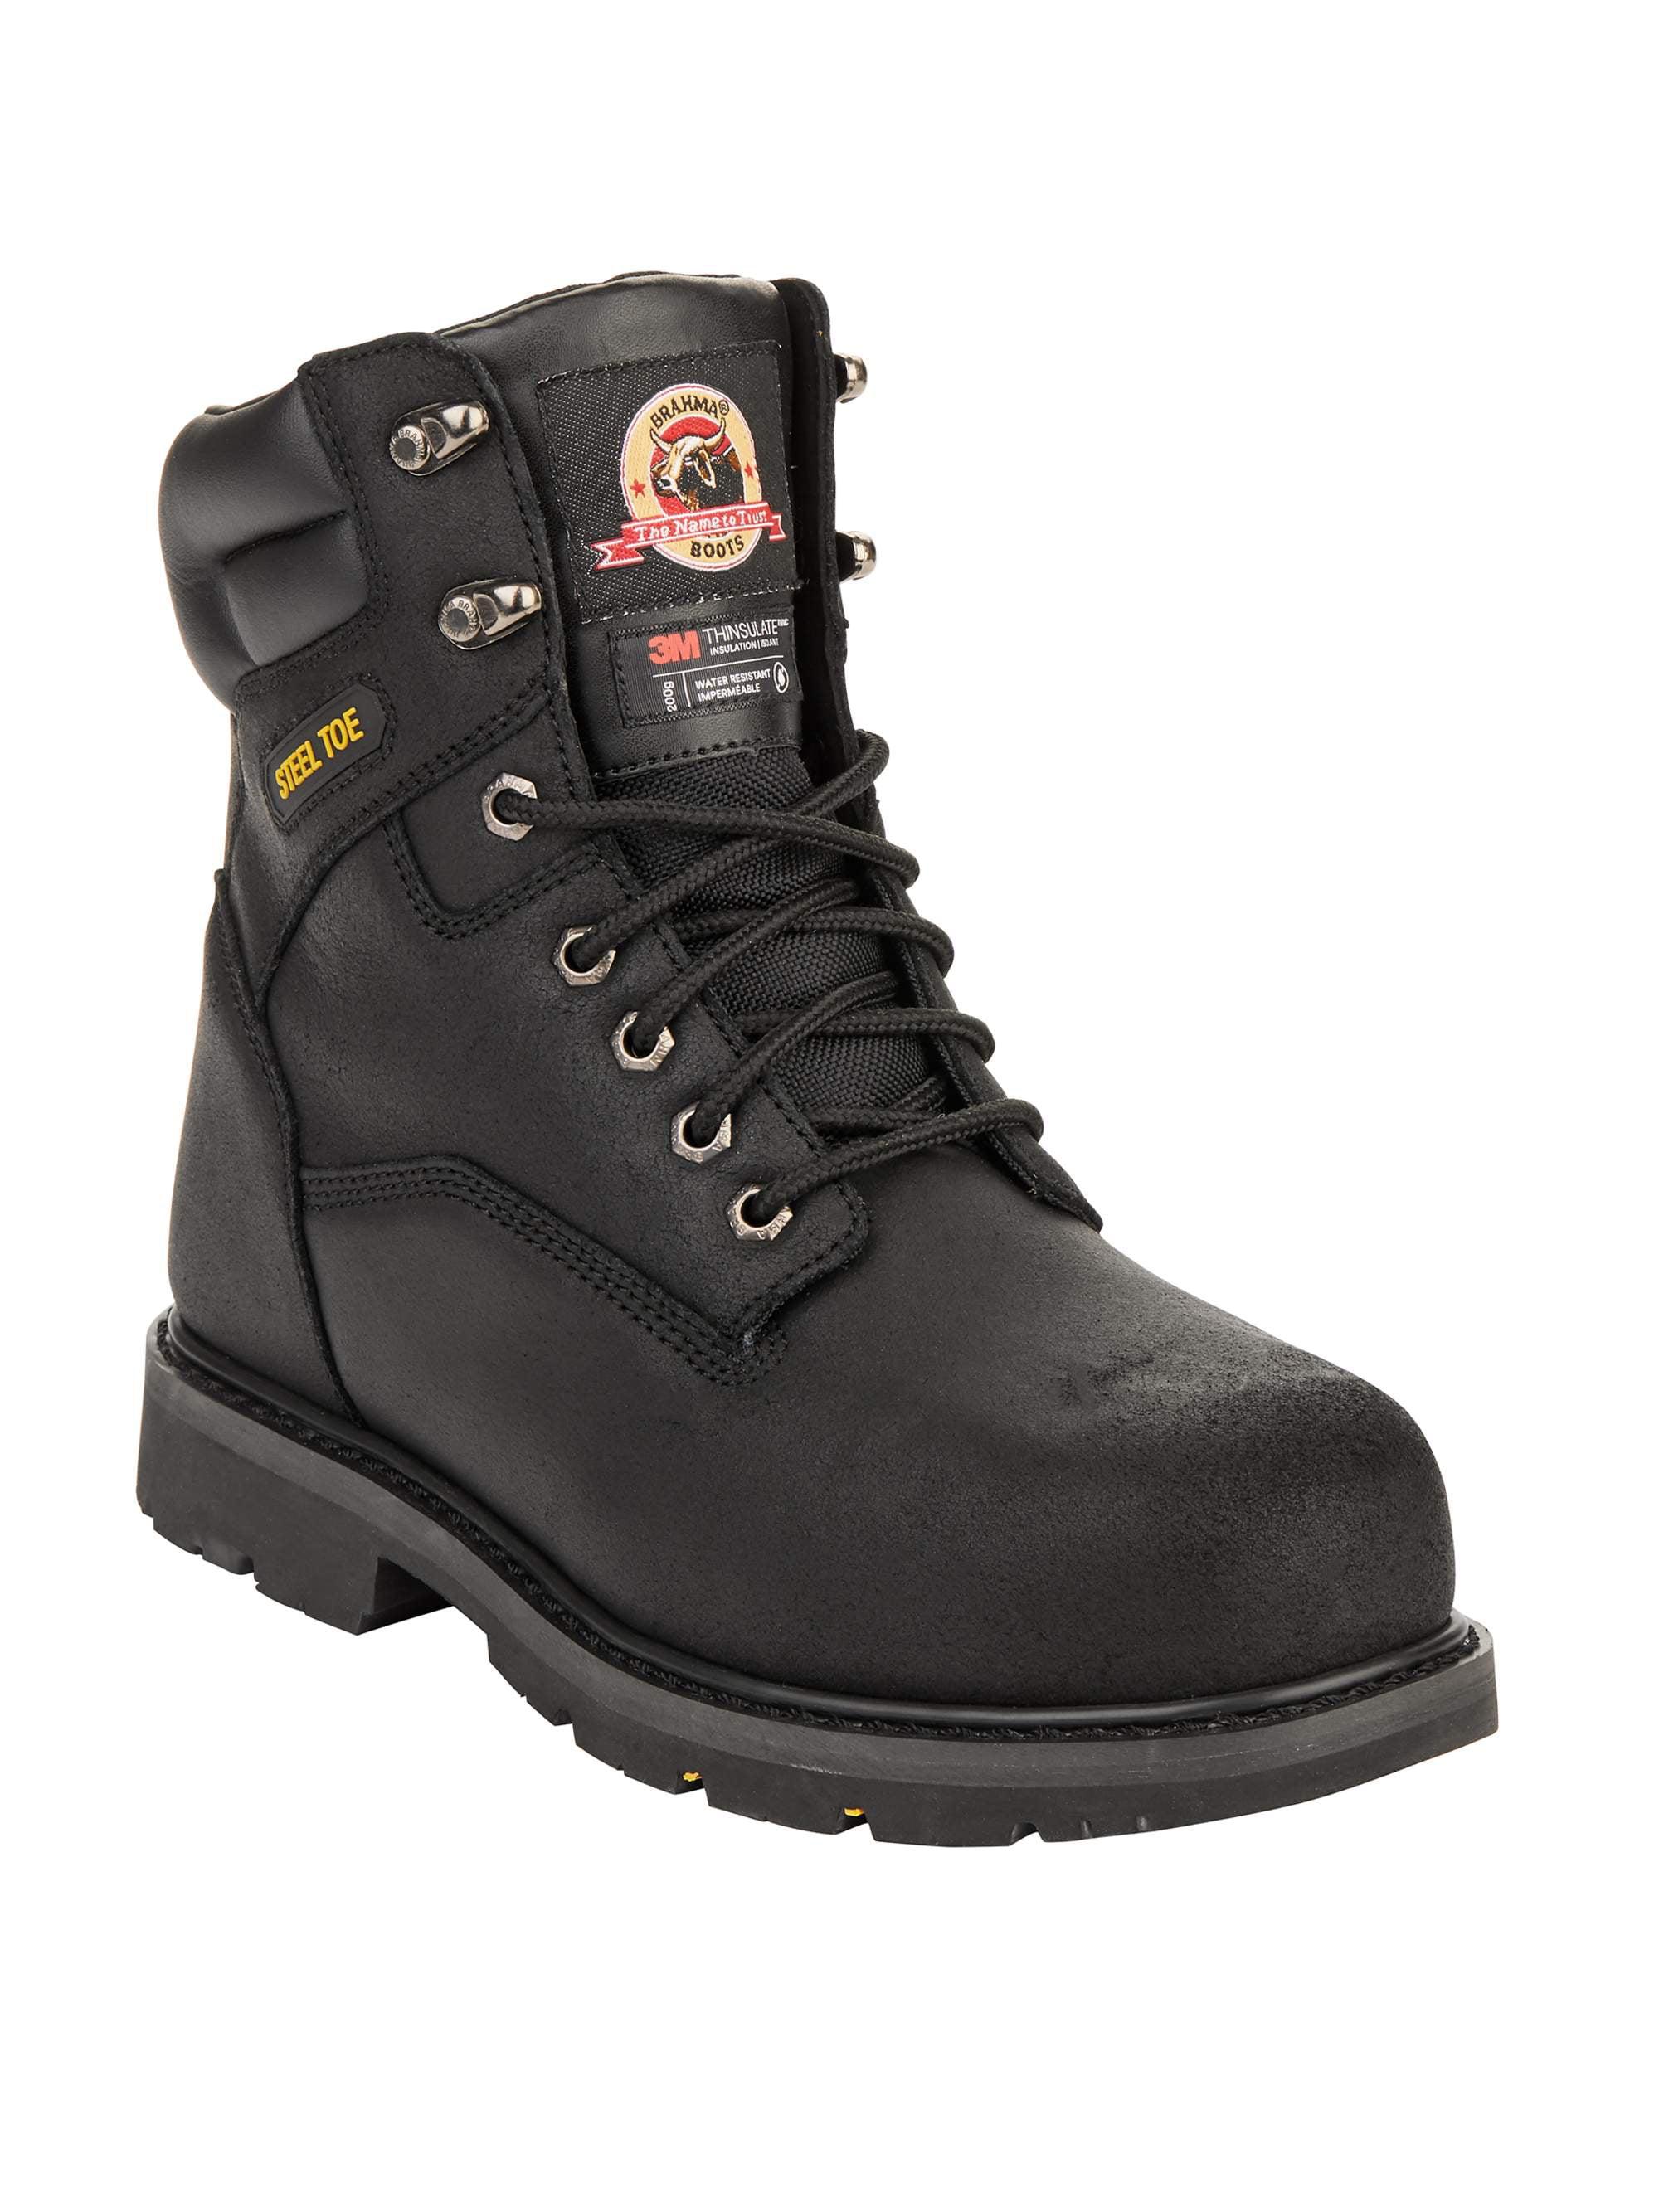 Iron Tough II Steel Toe Boot